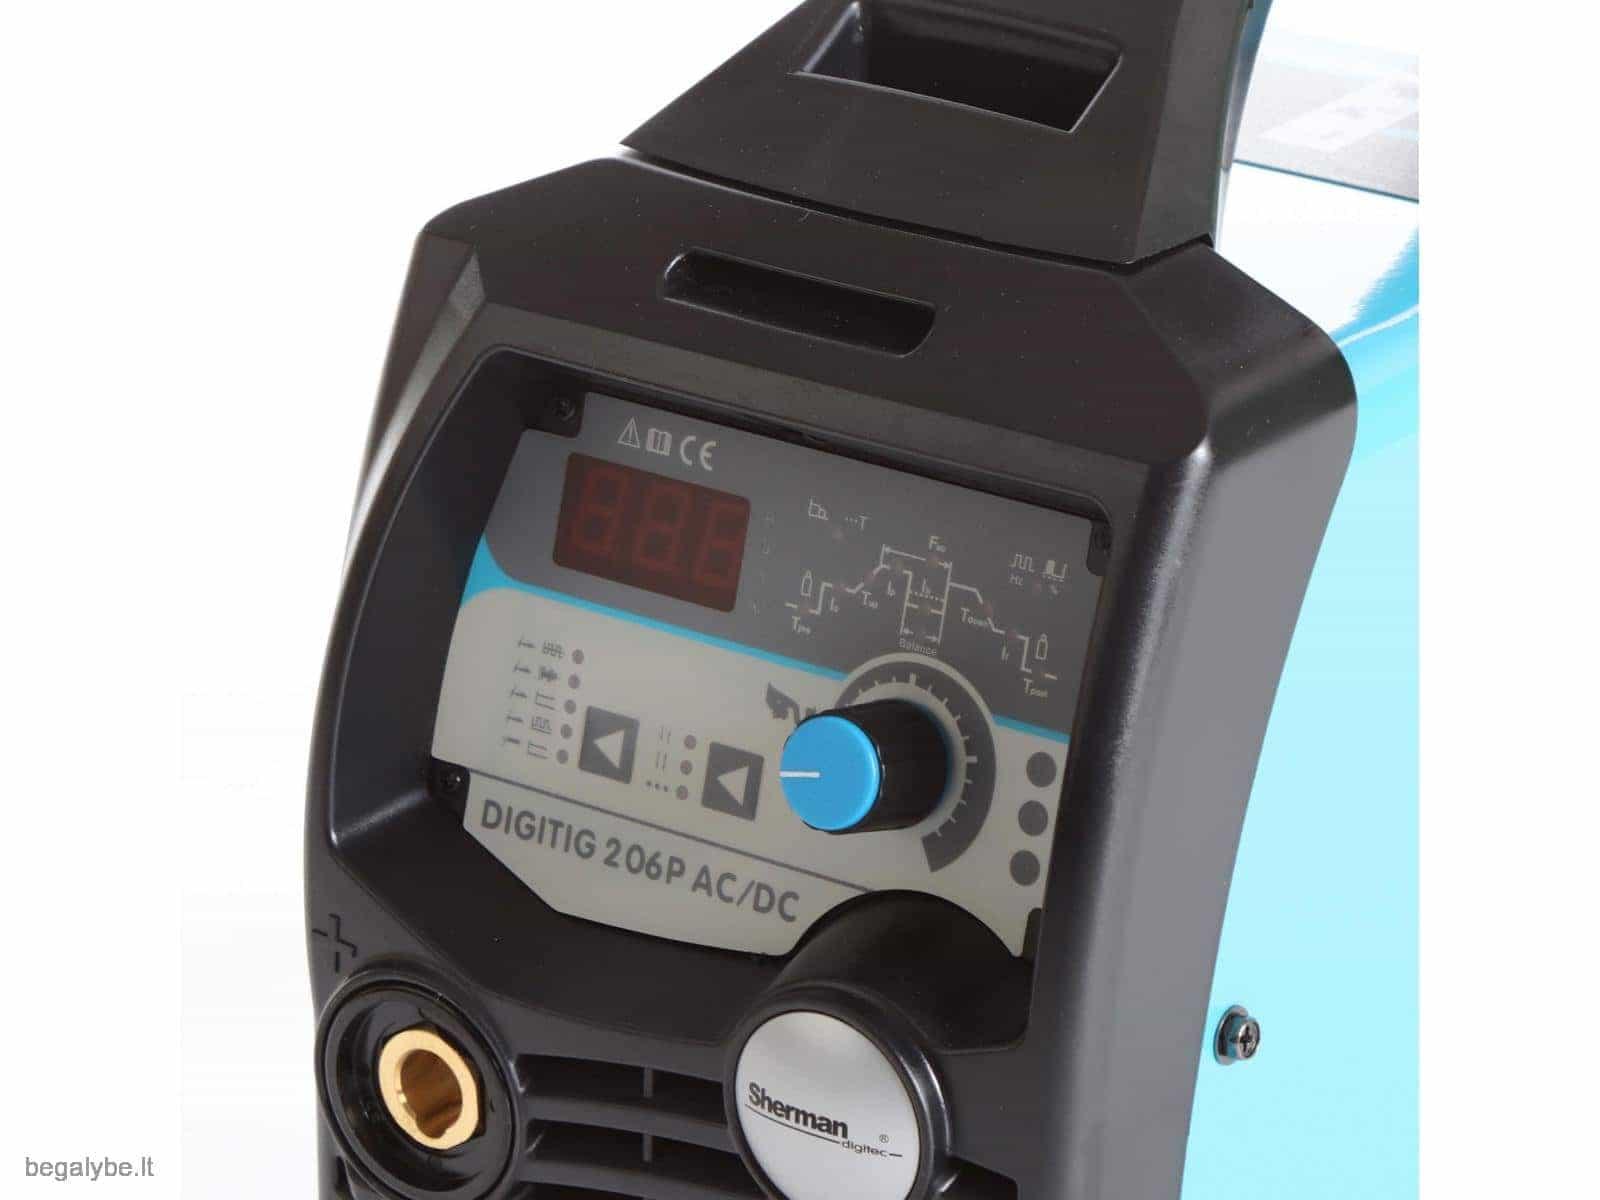 Suvirinimo aparatas sherman digitig ac dc 200GD - 9/19